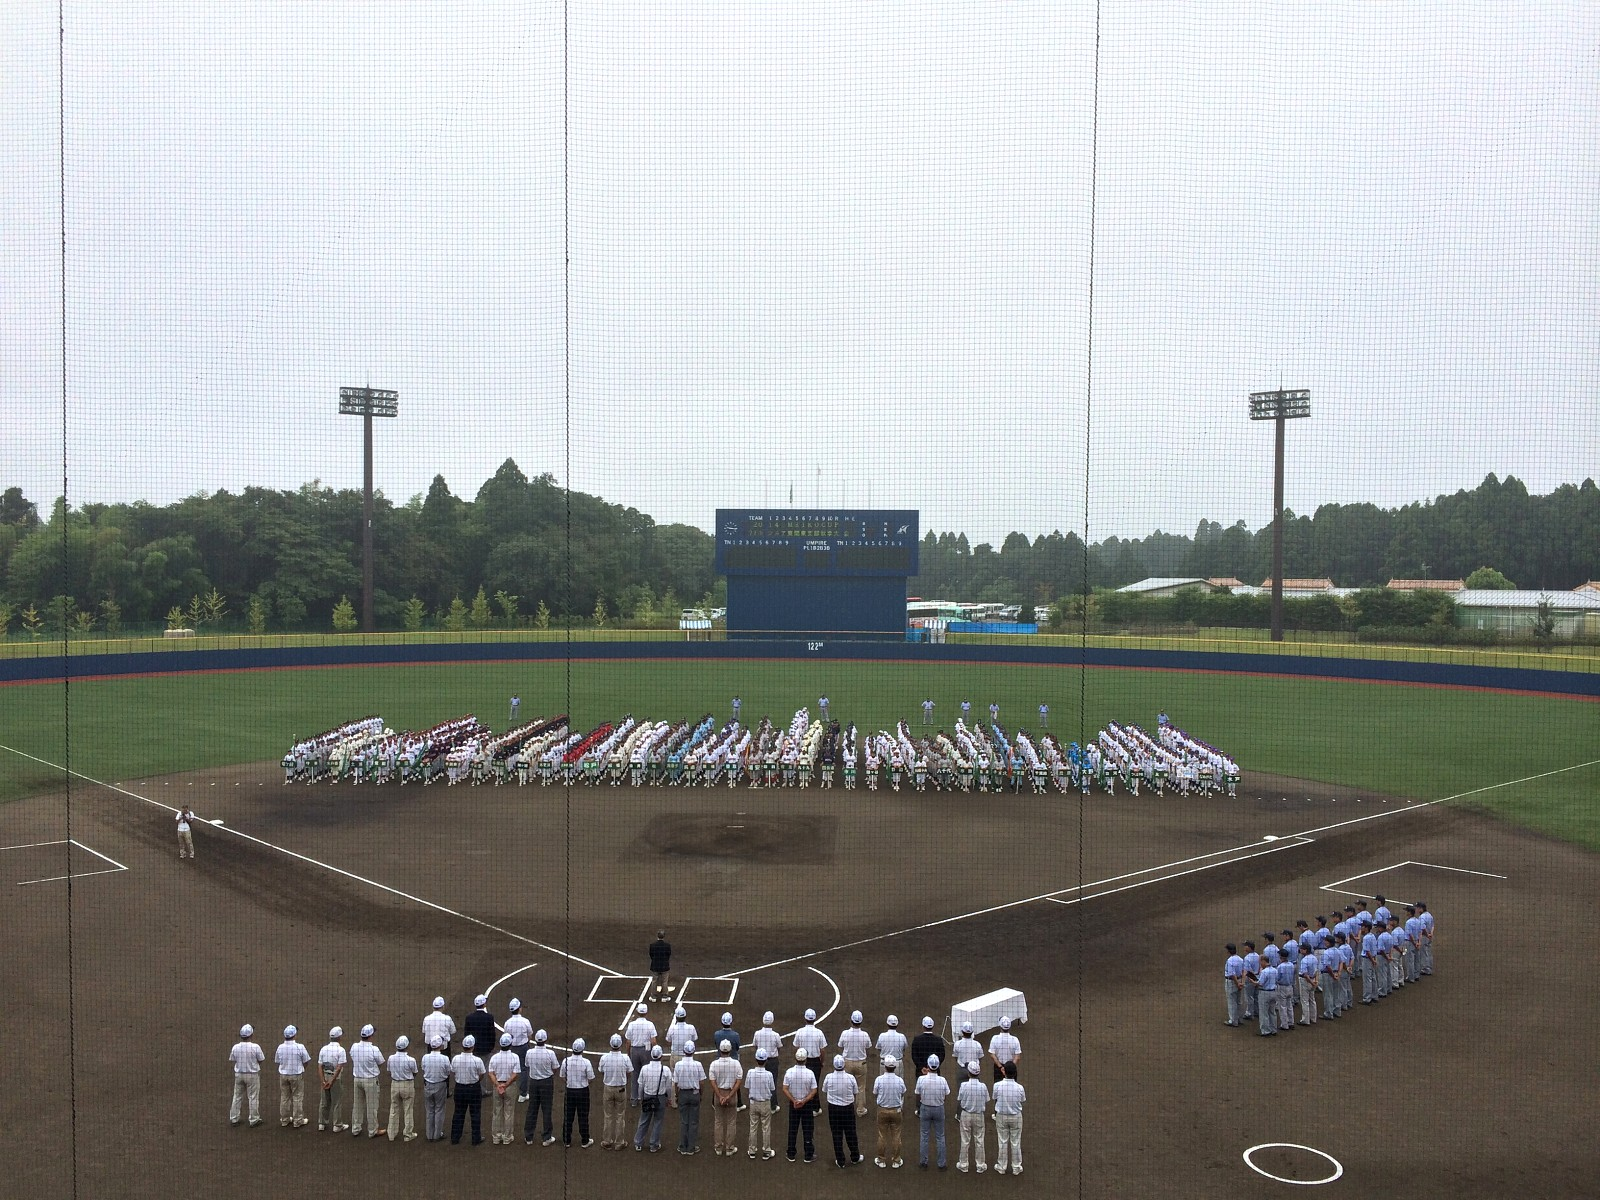 2014.08.17 2014メイコウカップ東関東支部秋季大会 開会式